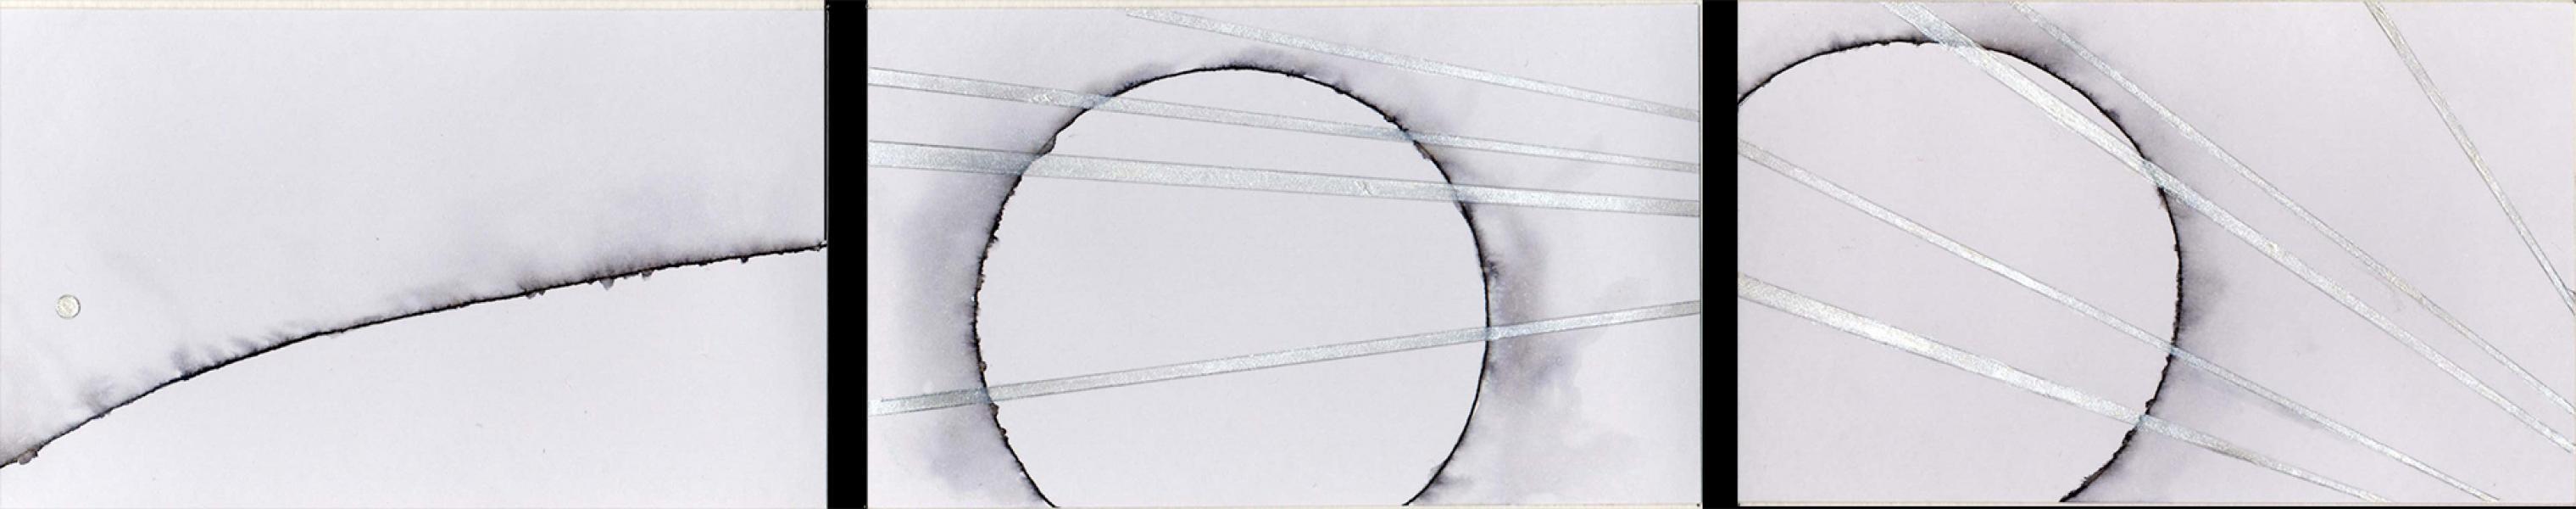 Emanazioni. 2010. China e acrilico si carta.  . Cm 6,5X32,5.  Copyright © A. Cocchi 2010